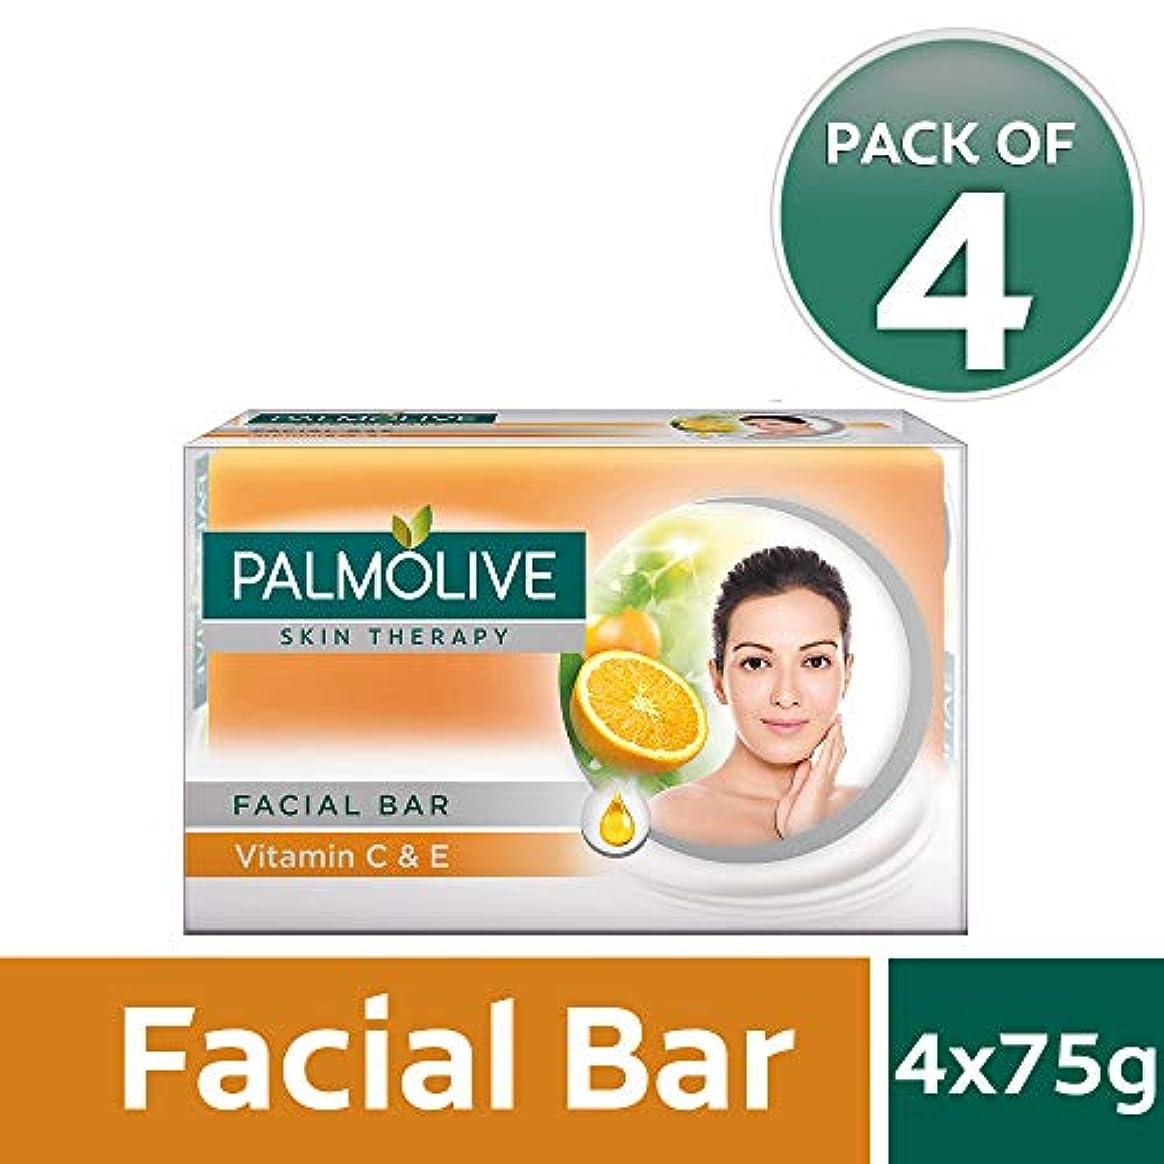 ハーフ宮殿開発Palmolive Skin Therapy Facial Bar Soap with Vitamin C and E - 75g (Pack of 4)